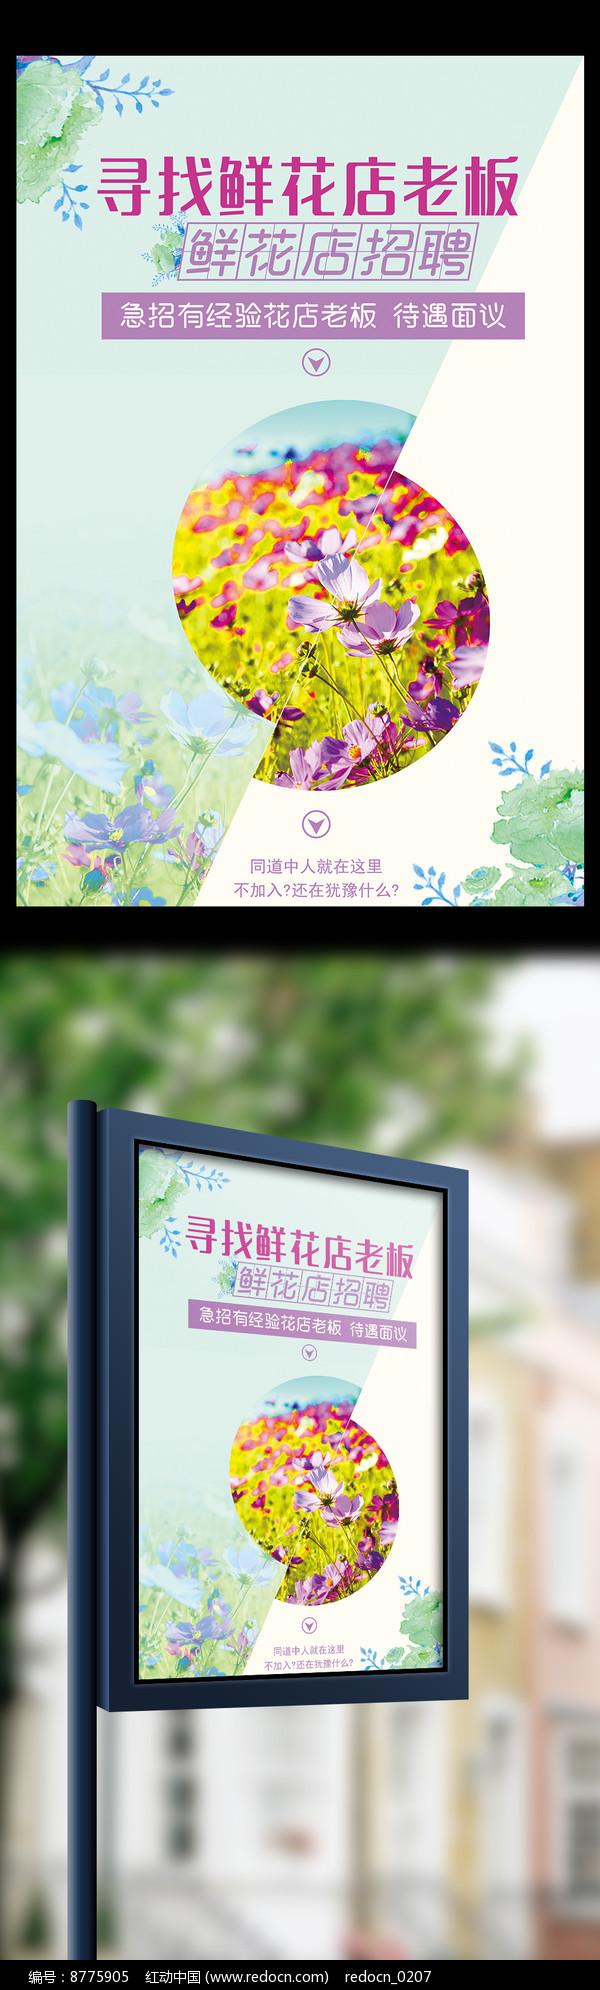 鲜花店招聘海报设计图片